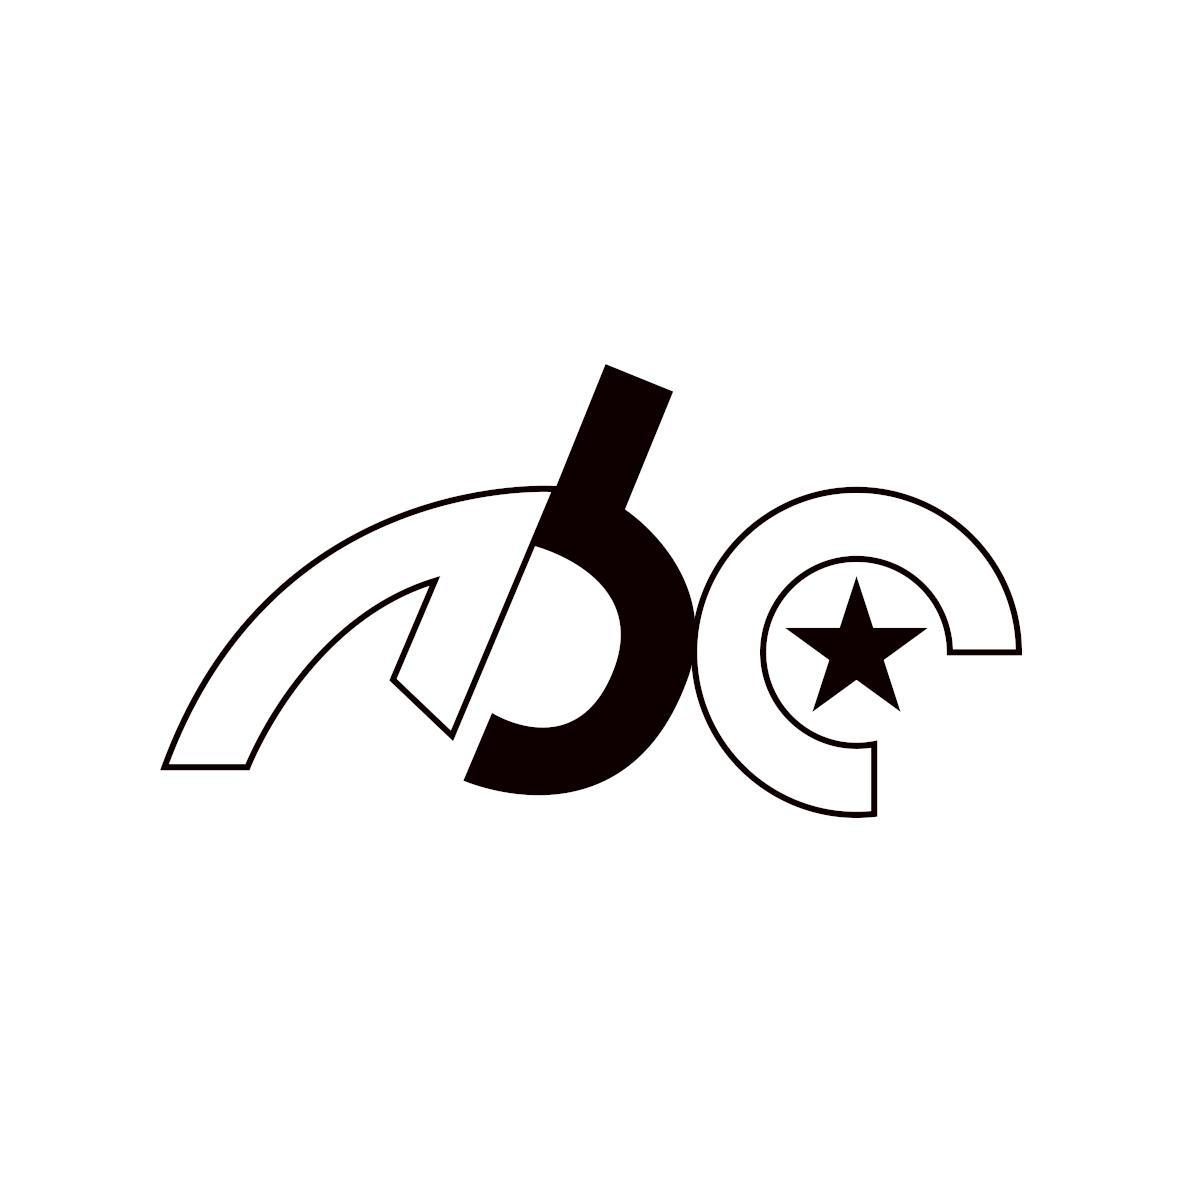 转让商标-ABC